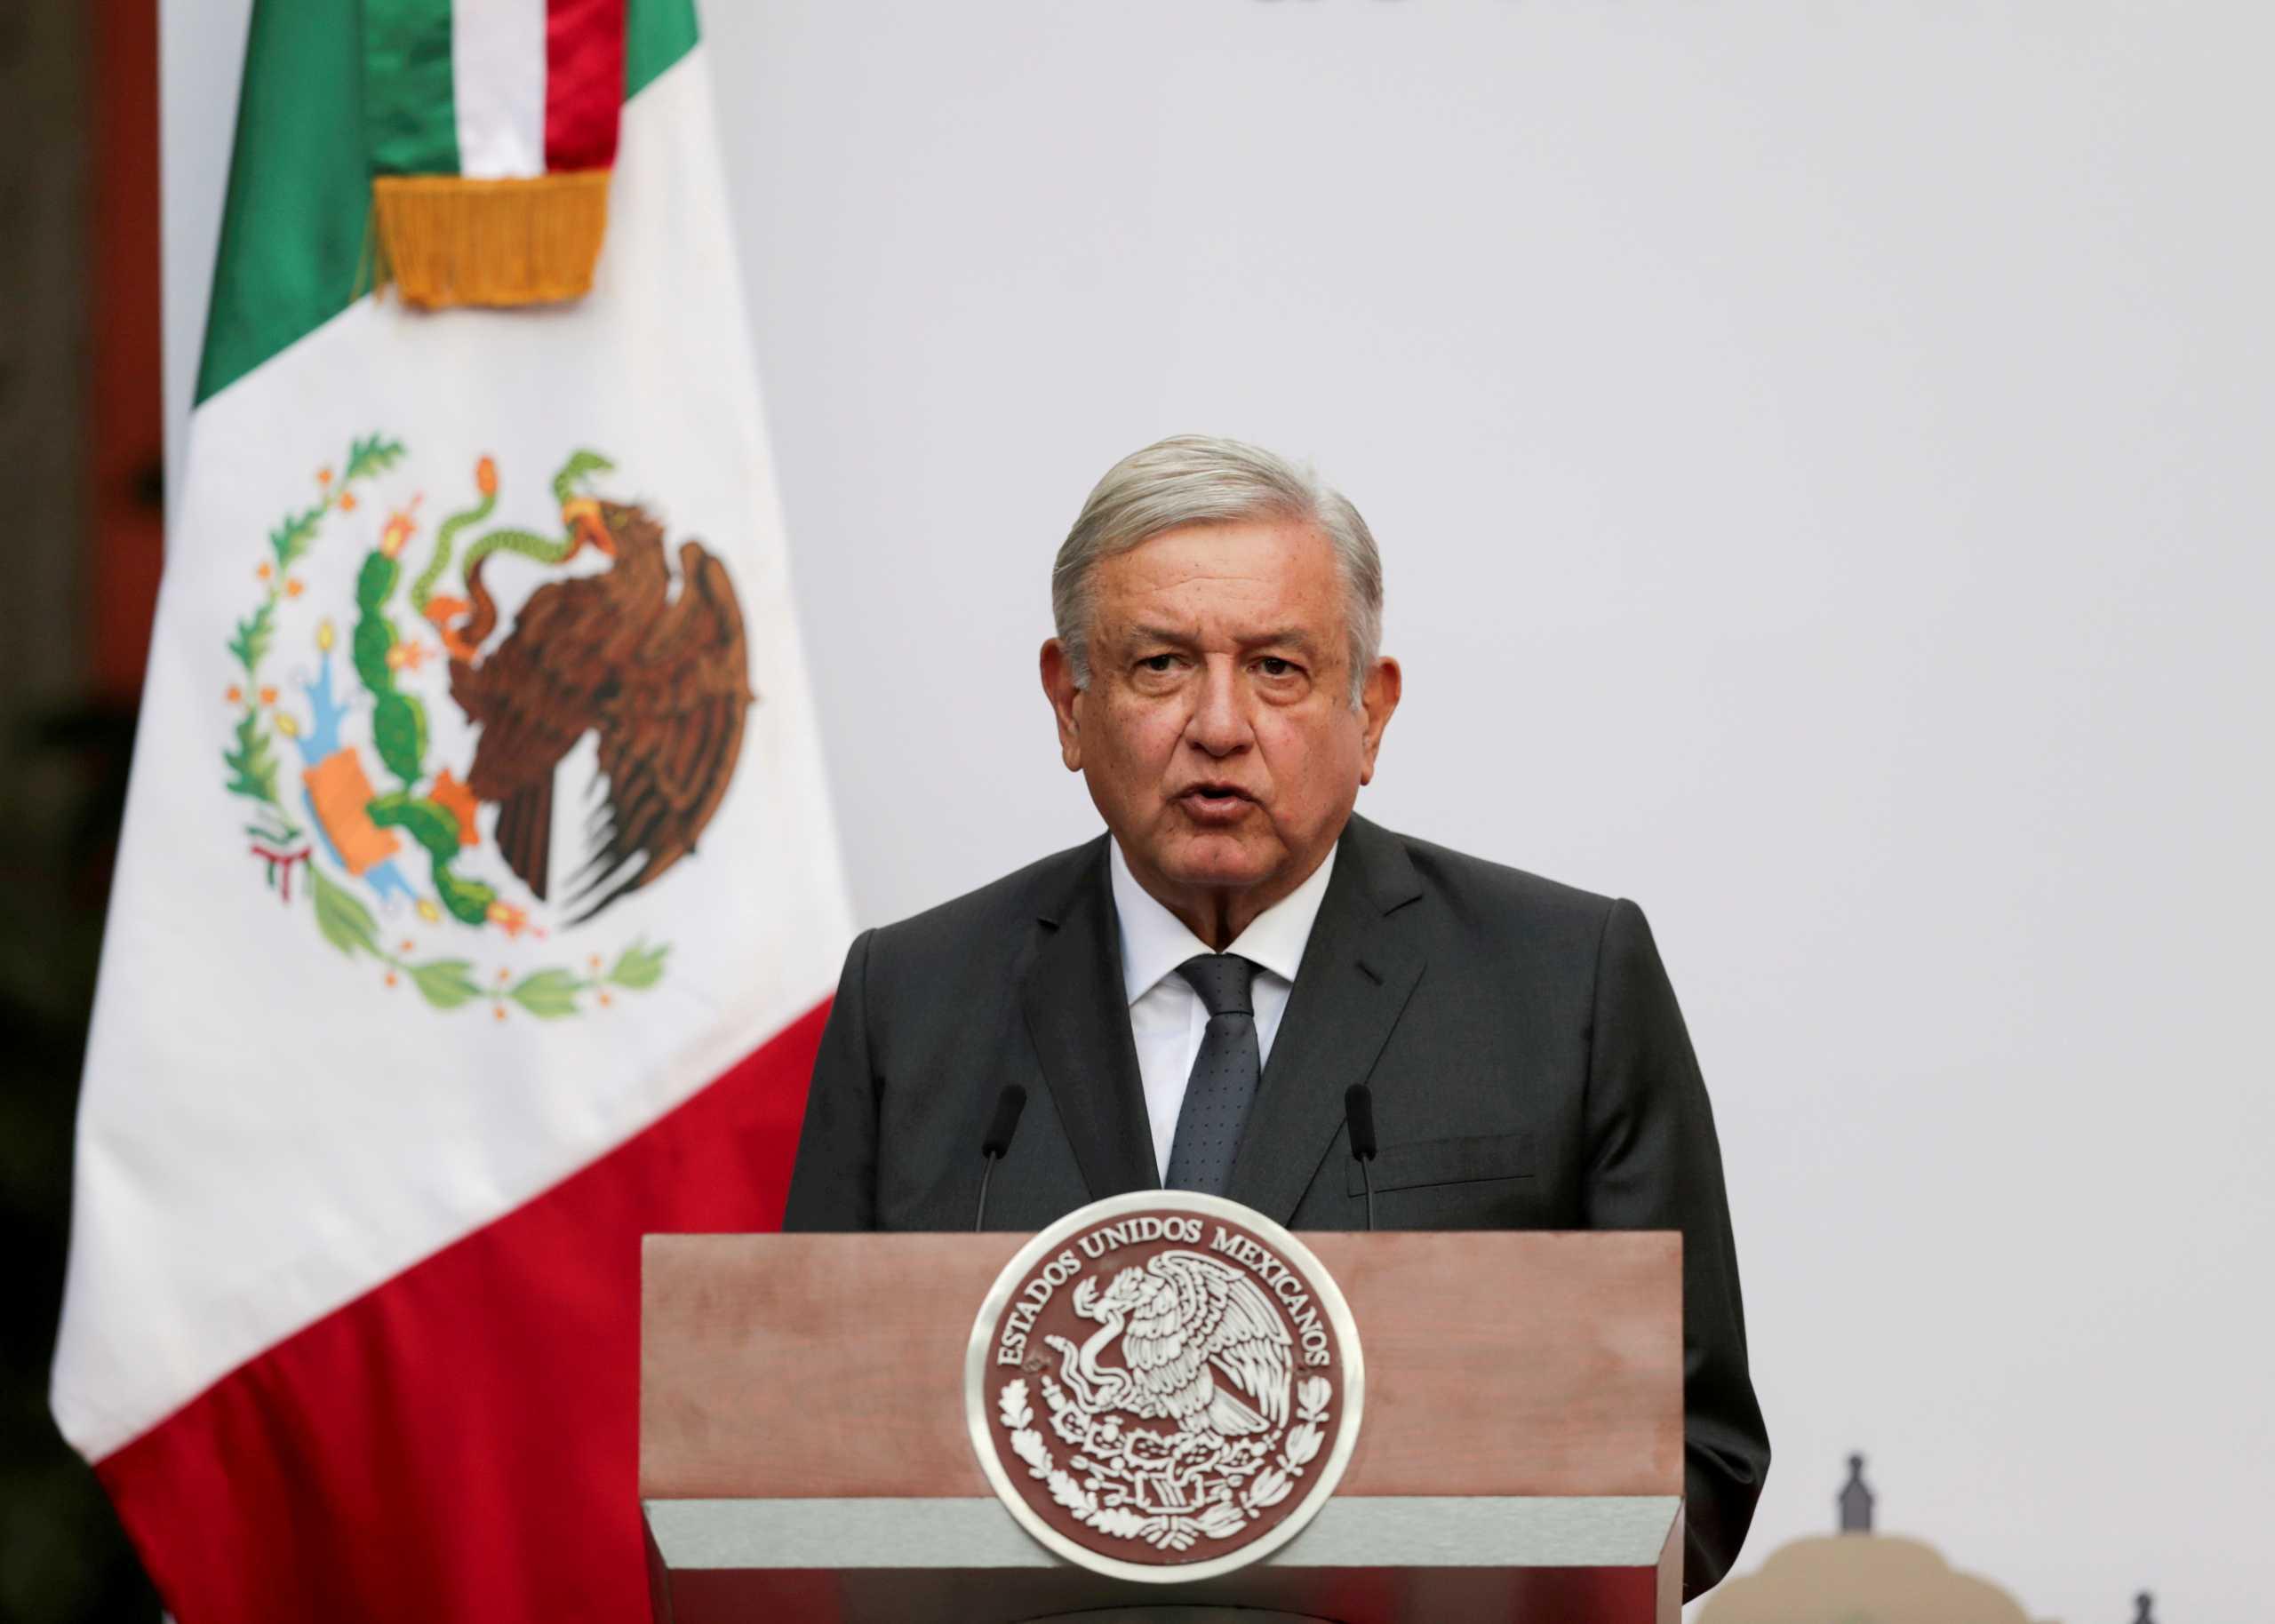 Μεξικό: Βελτιώνεται η κατάσταση της υγείας του προέδρου Ομπραδόρ